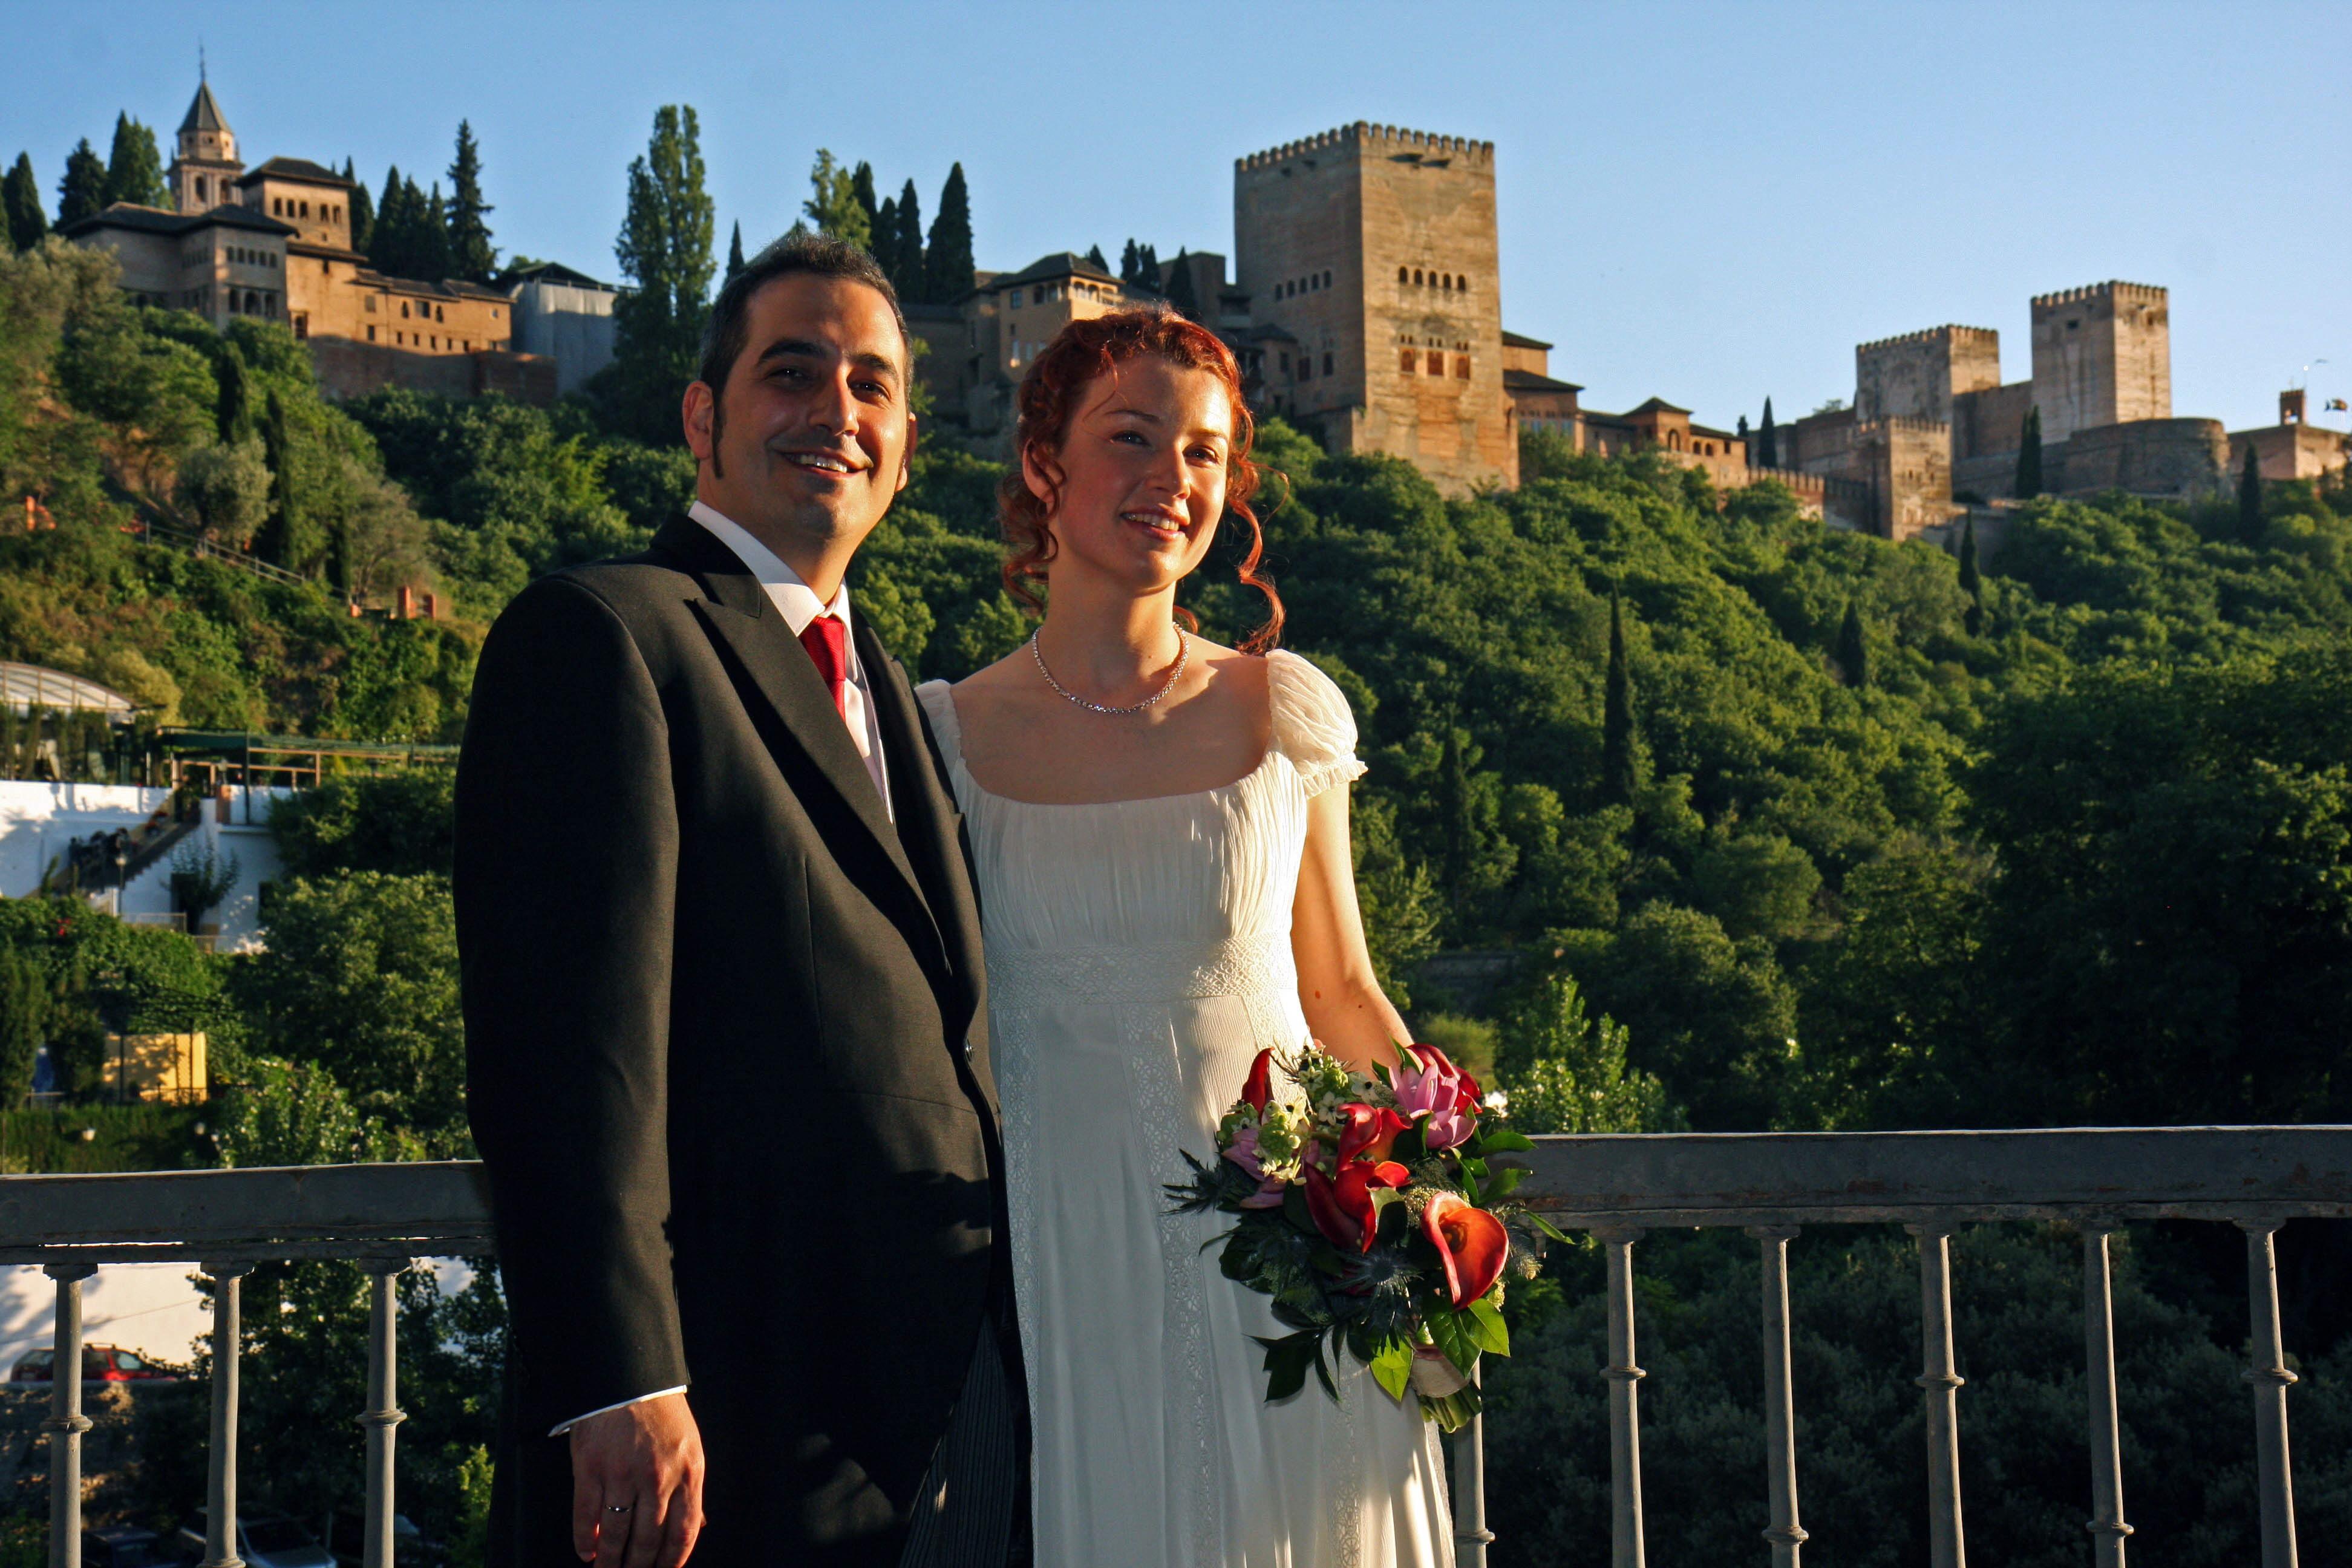 Claire O'Connol y Javier de las Heras posan tras constraer matrimonio con la Alhambra al fondo en 2008.:: LUCÍA RIVAS / IDEAL